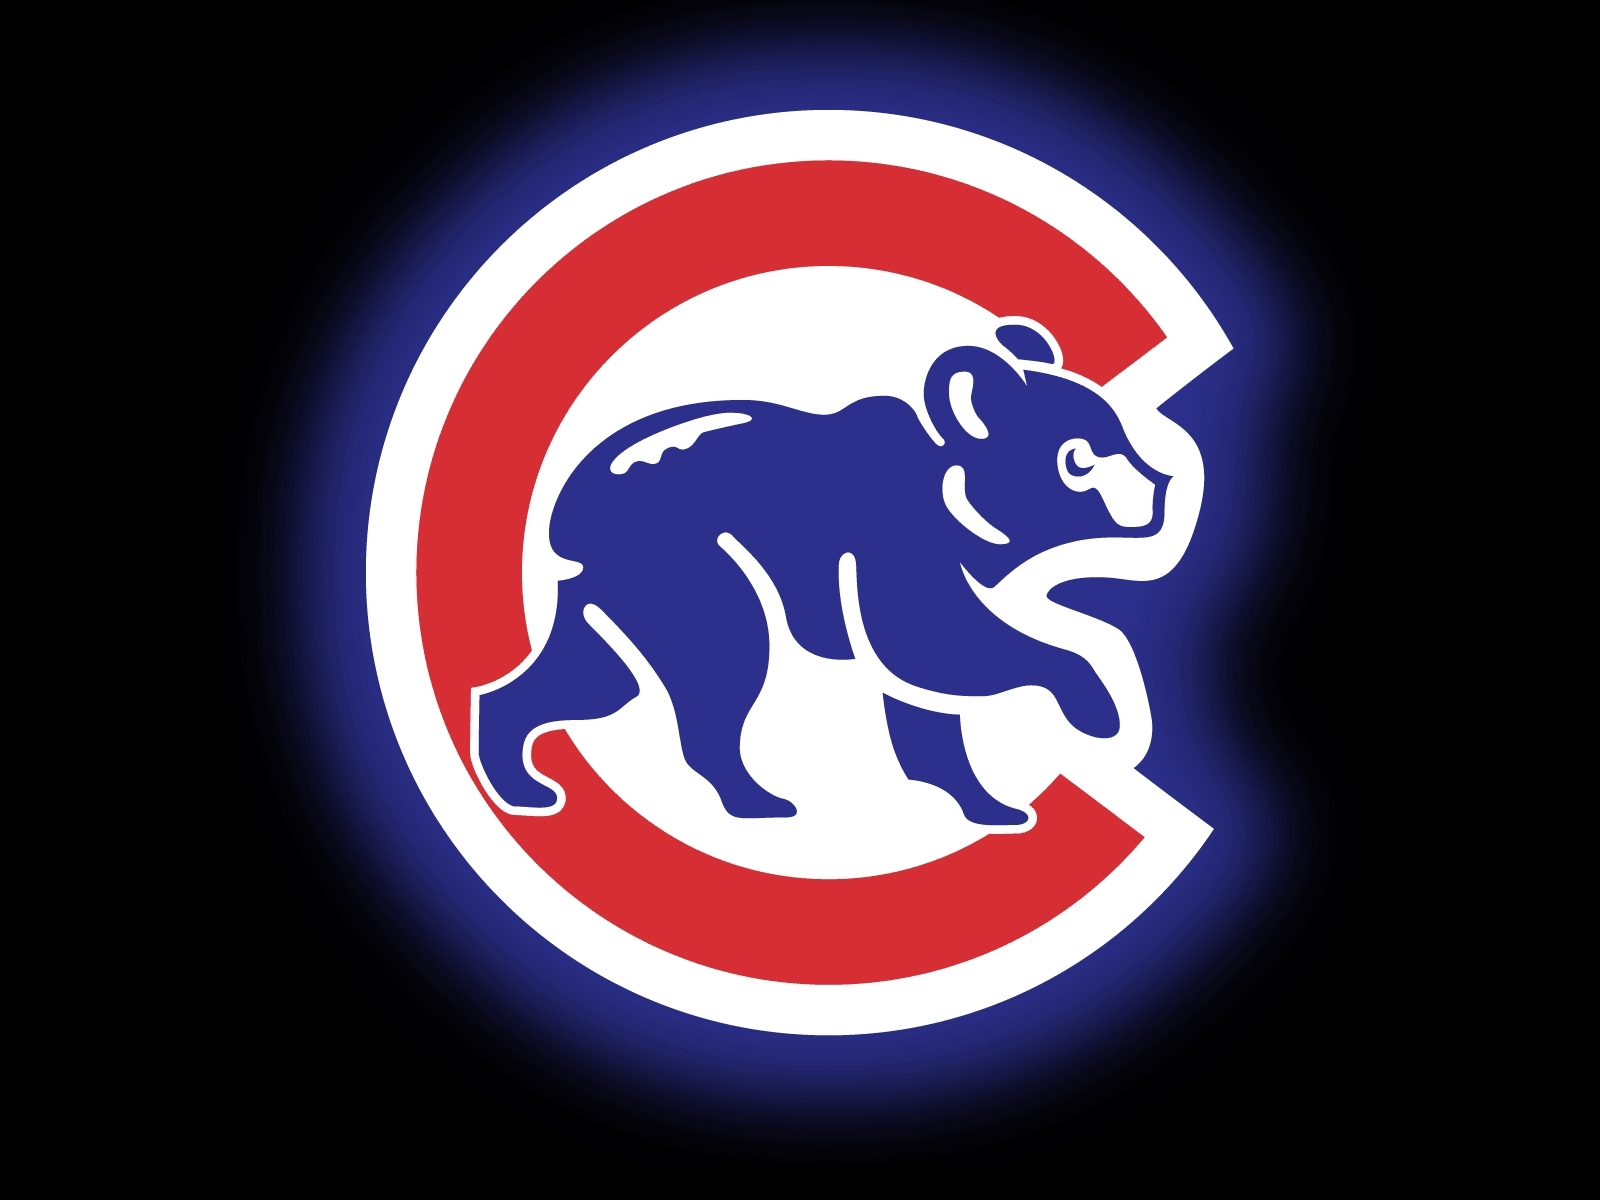 chicago cubs wallpaper 13653 1600x1200 px ~ hdwallsource